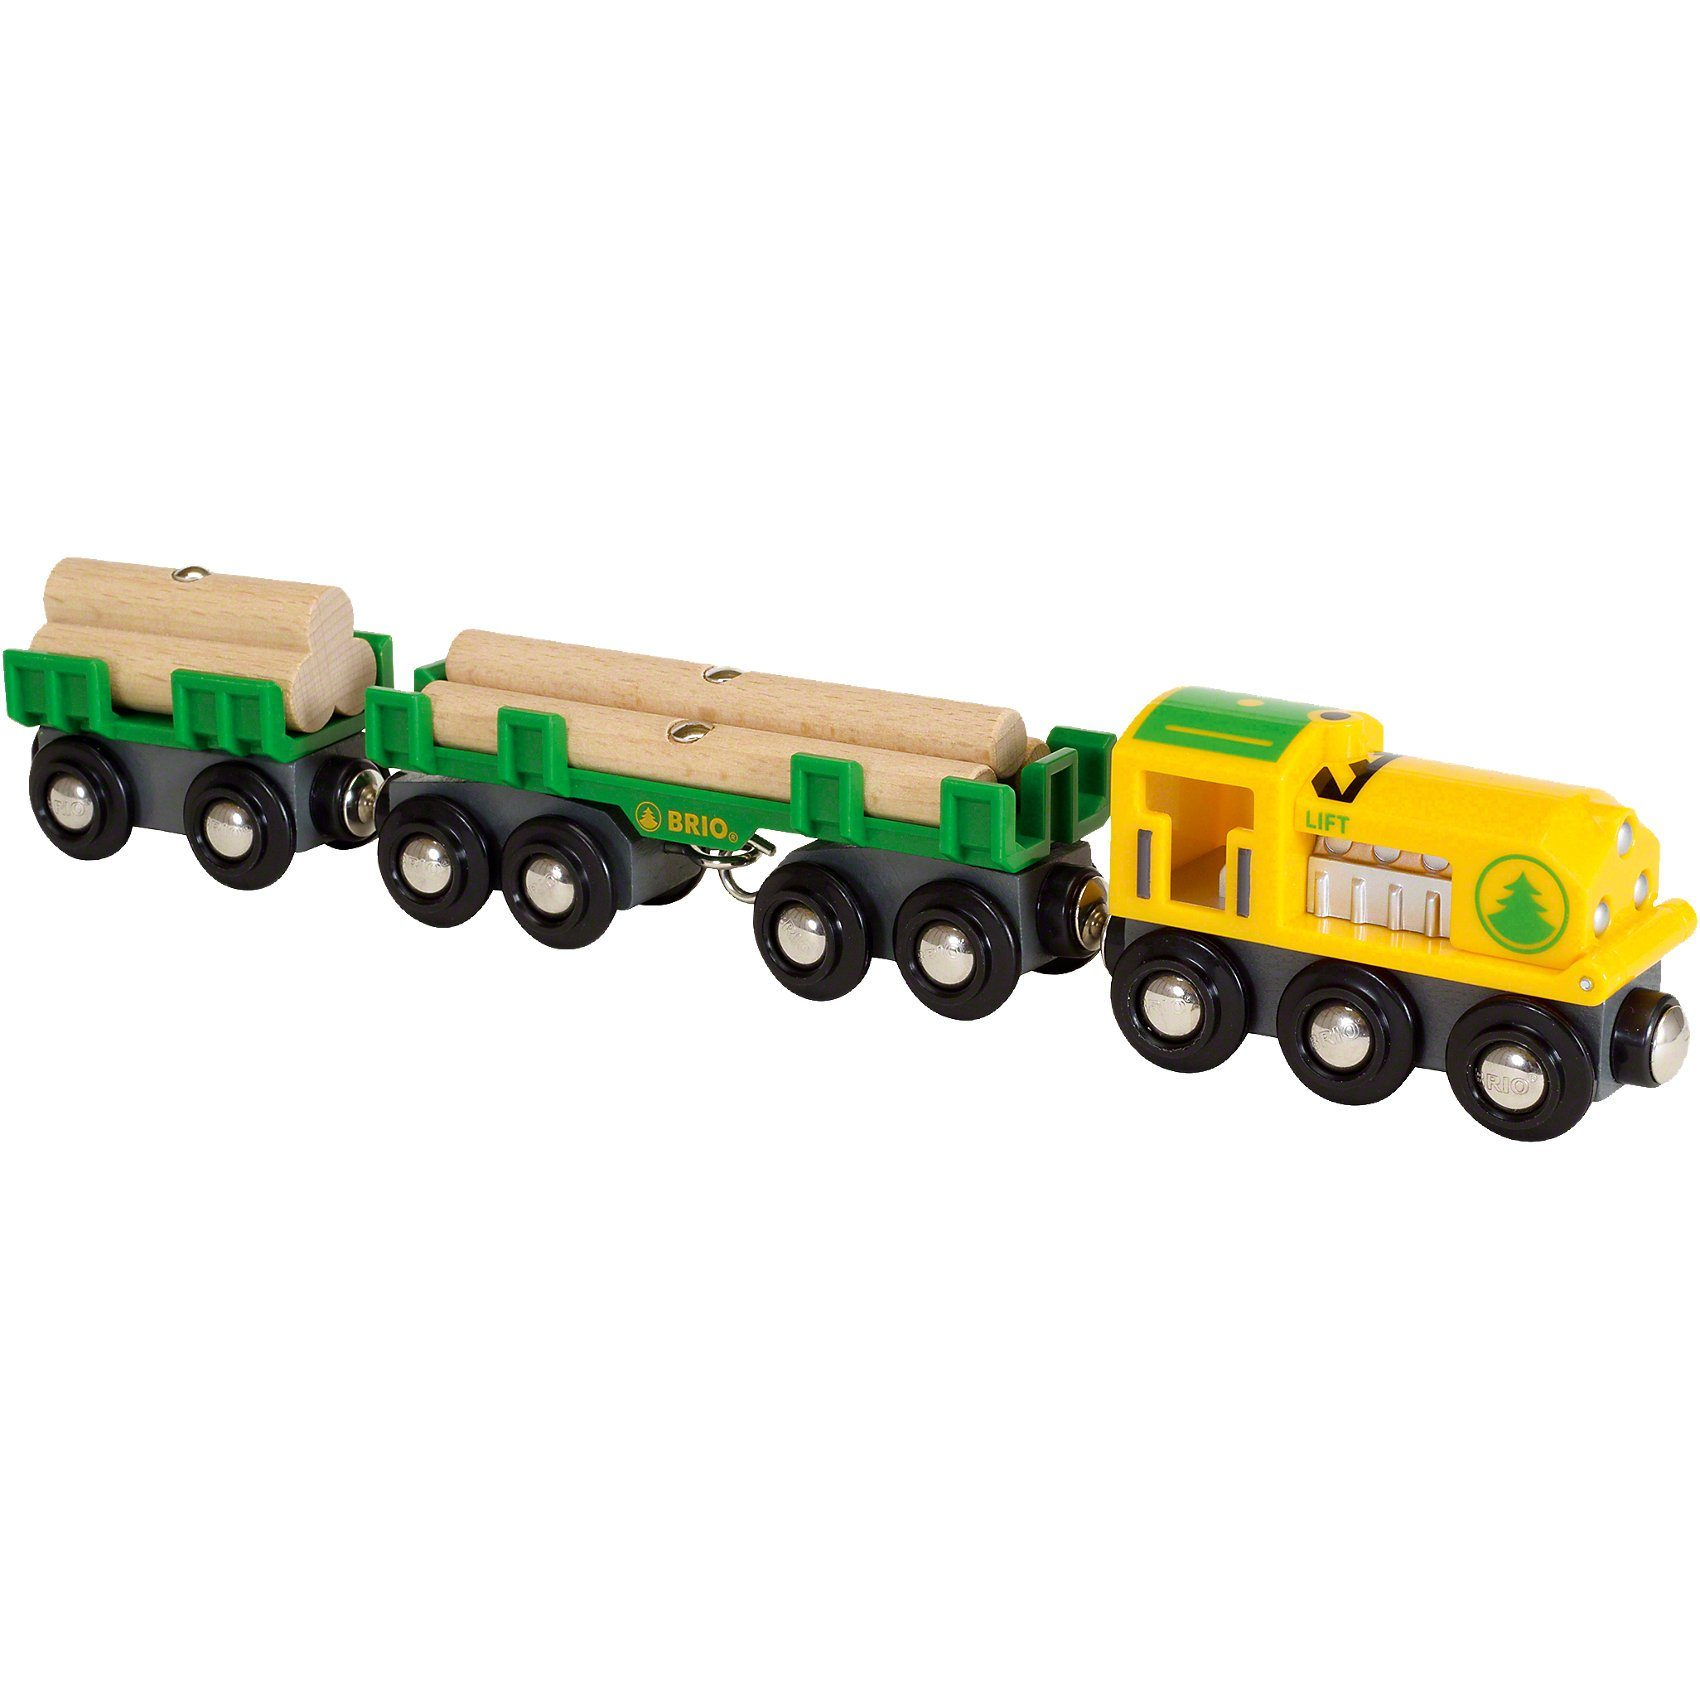 BRIO Holz-Transportzug